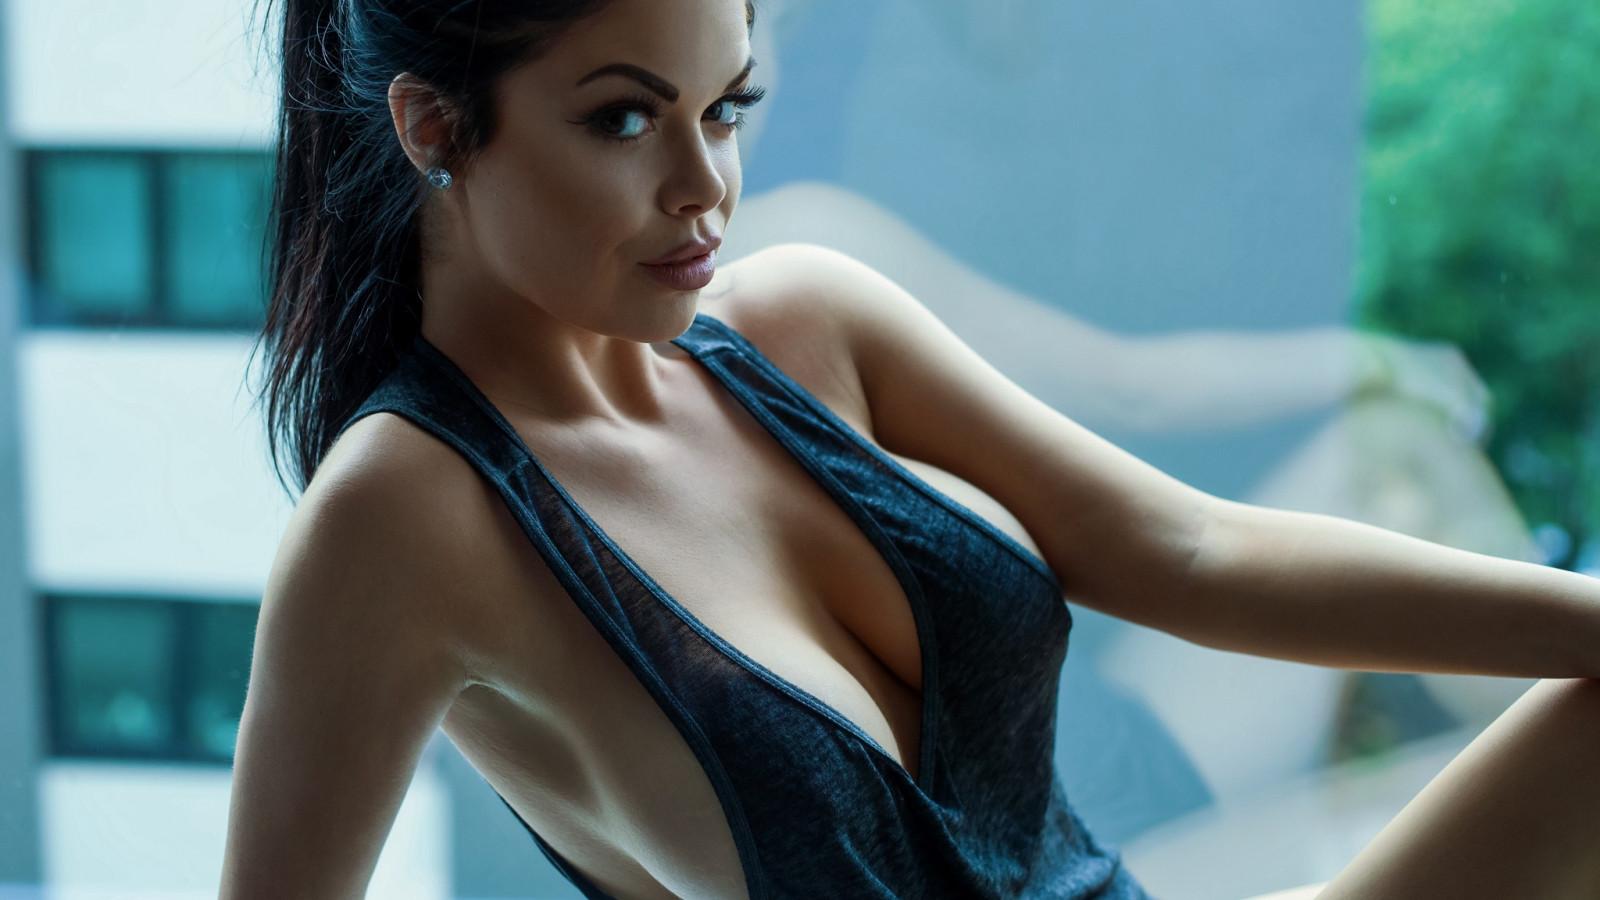 Hot girl no top